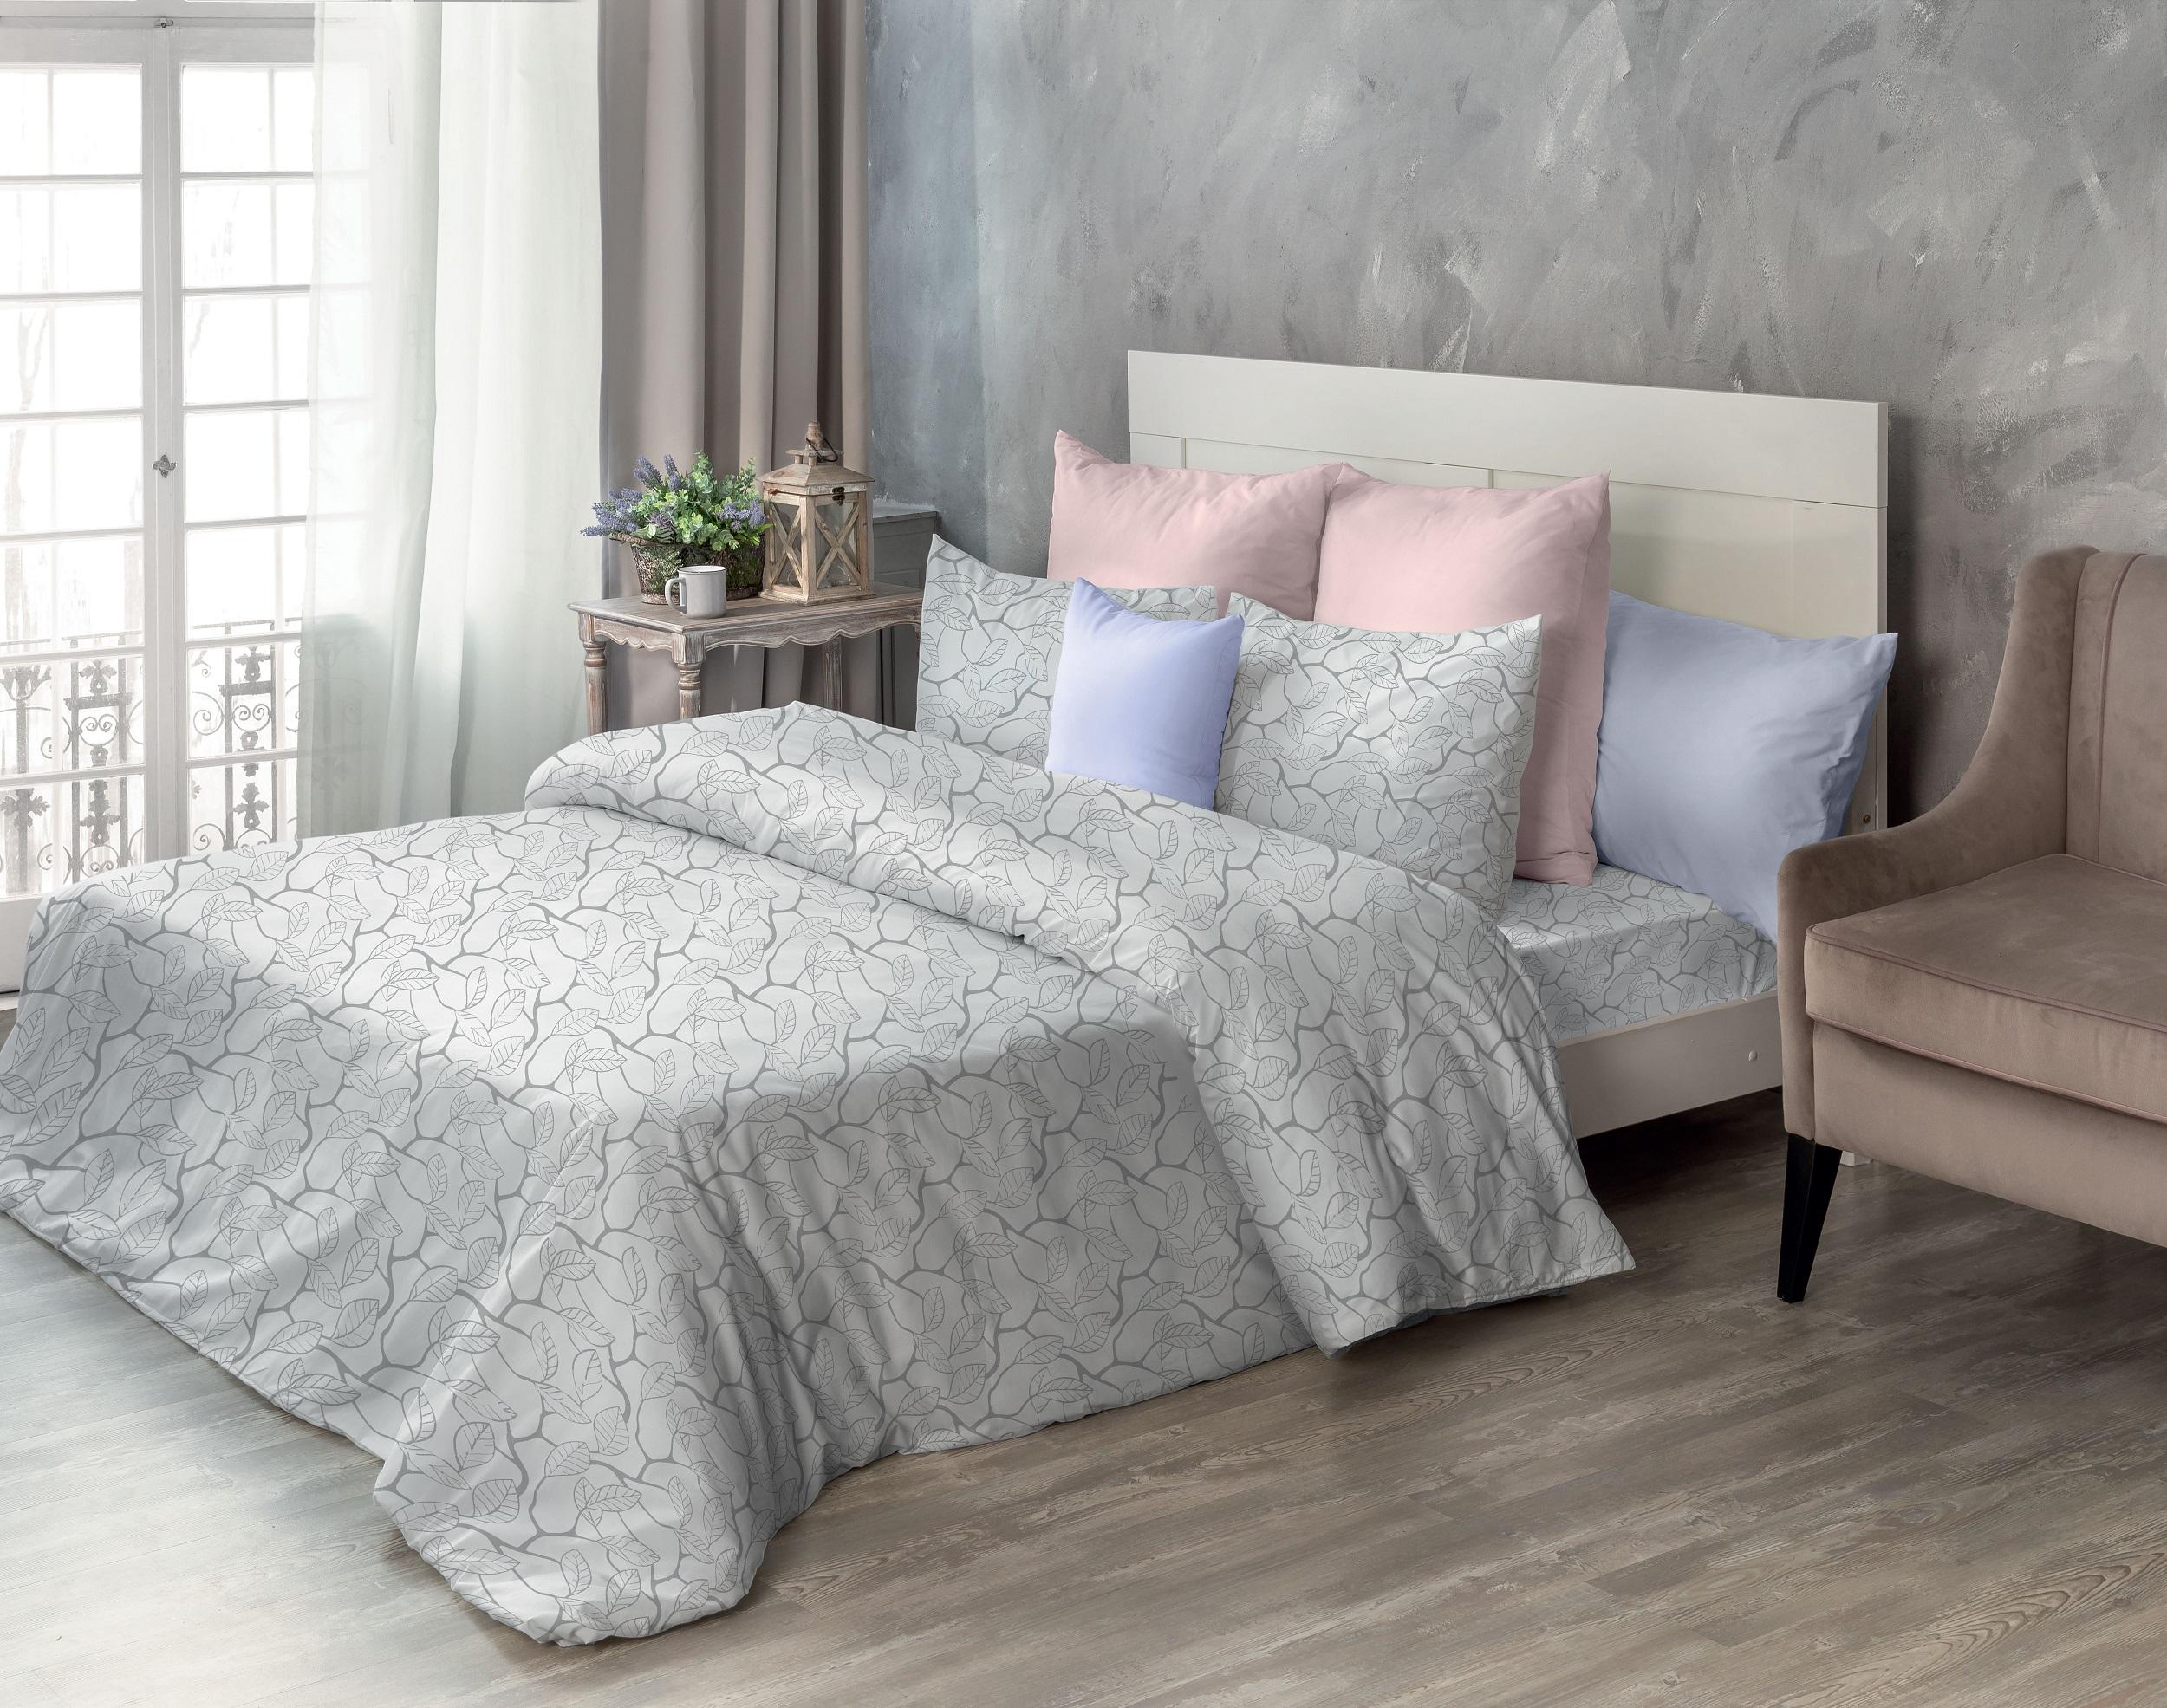 Комплект постельного белья Самойловский текстиль Самойловский текстиль двуспальный